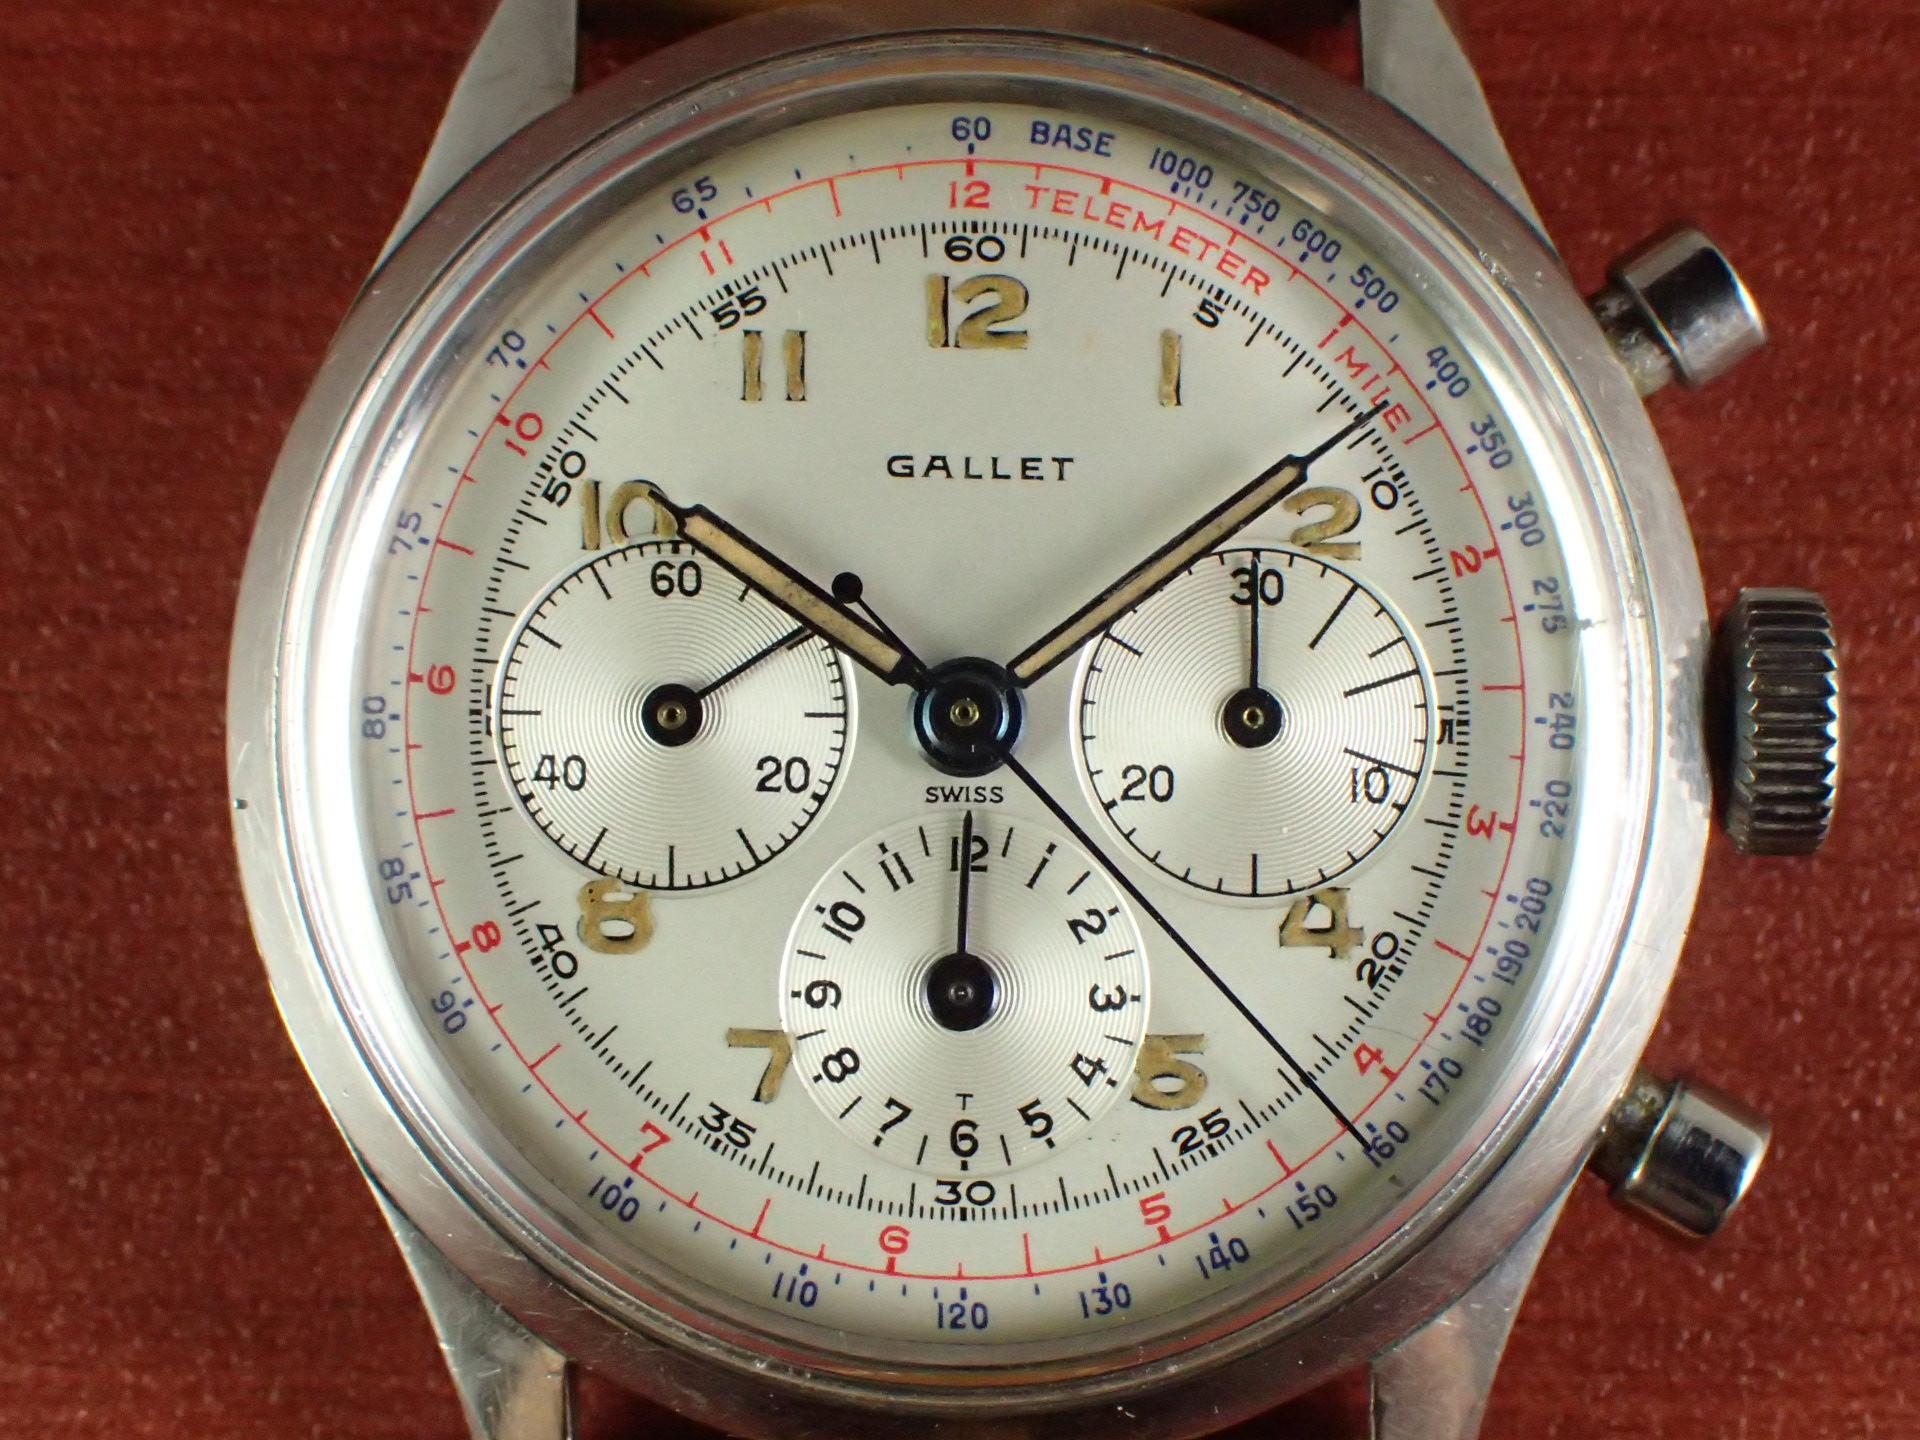 ギャレット クロノグラフ エクセルシオパーク40-68 ホワイトダイアル 1960年代の写真2枚目